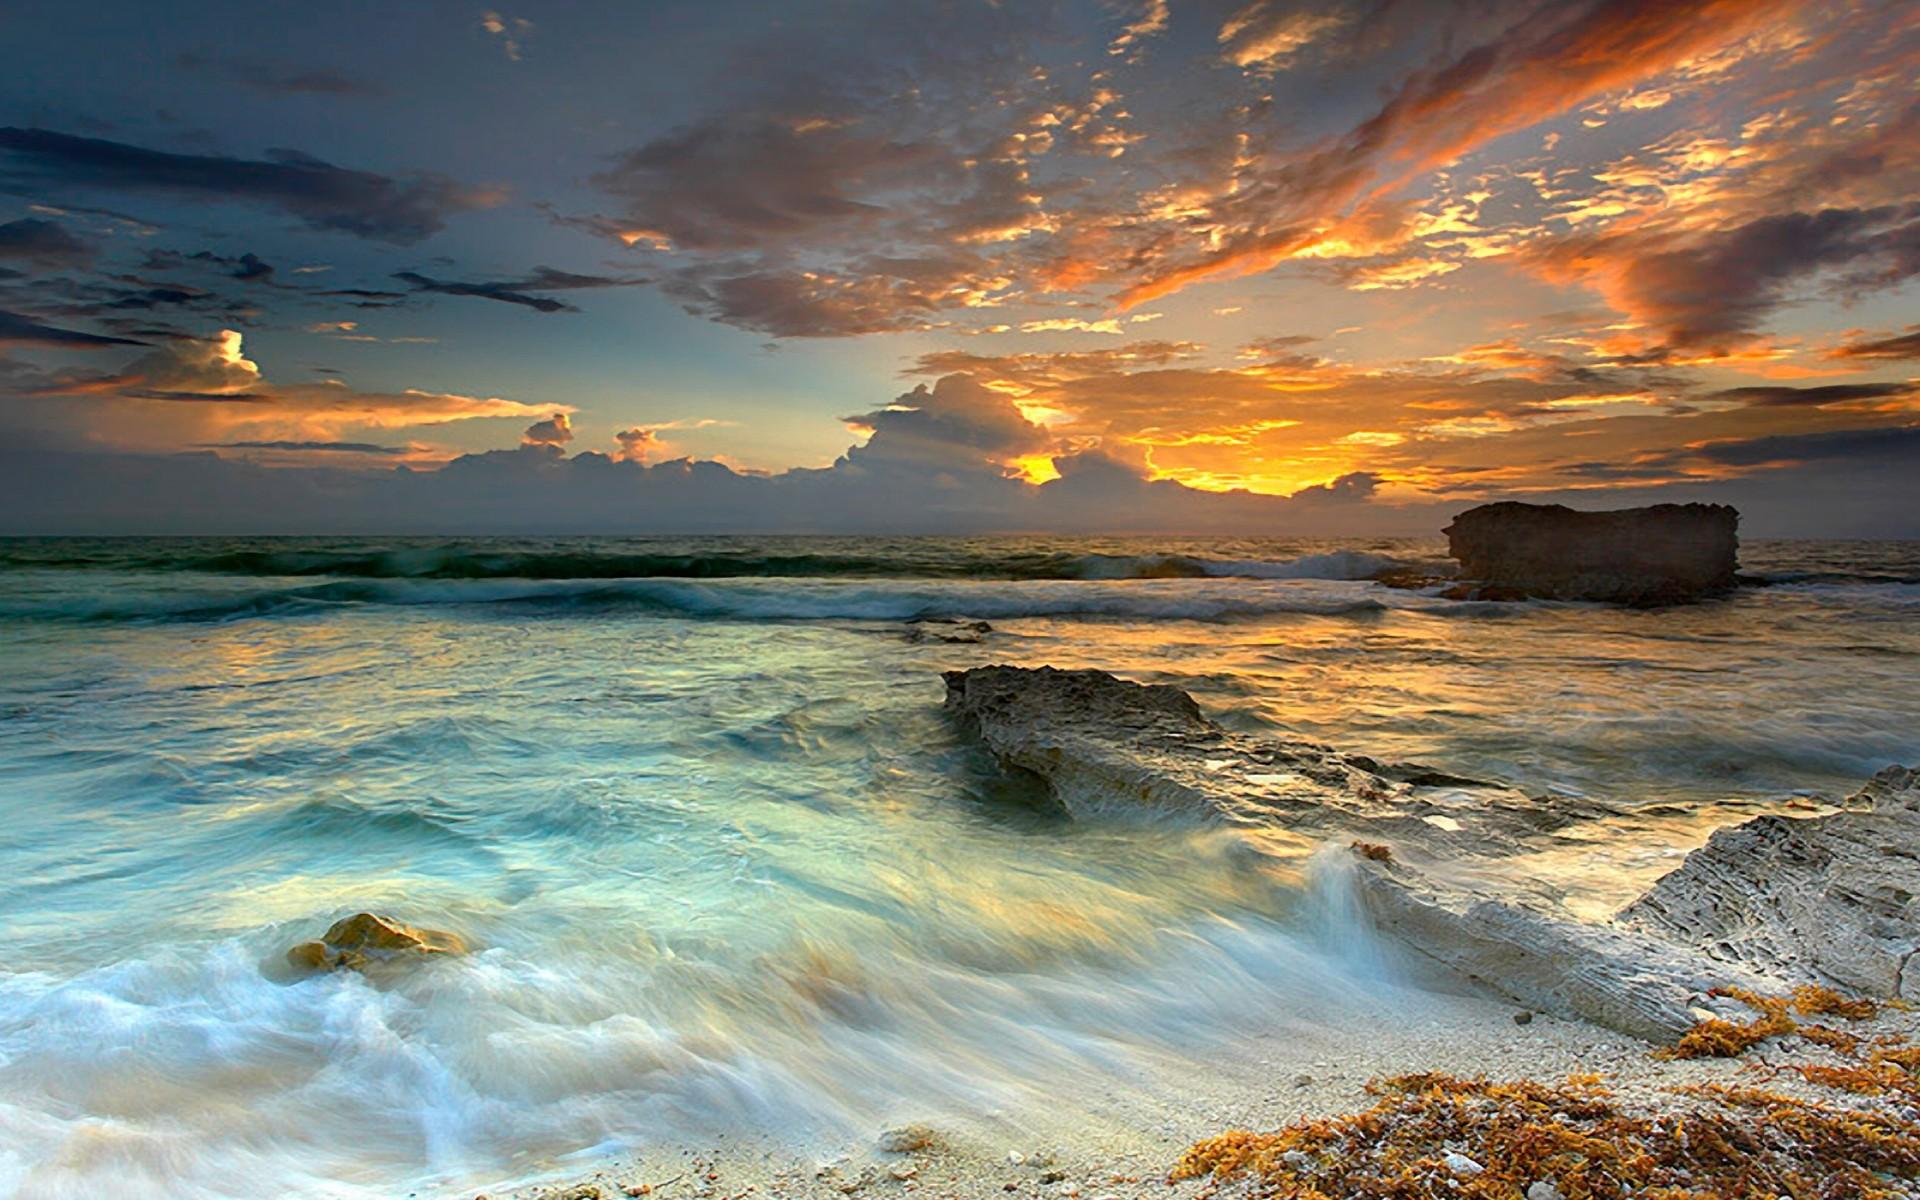 Sahil 3d Name Wallpaper Stunning Ocean Sunset Wallpaper 1920x1080 15553